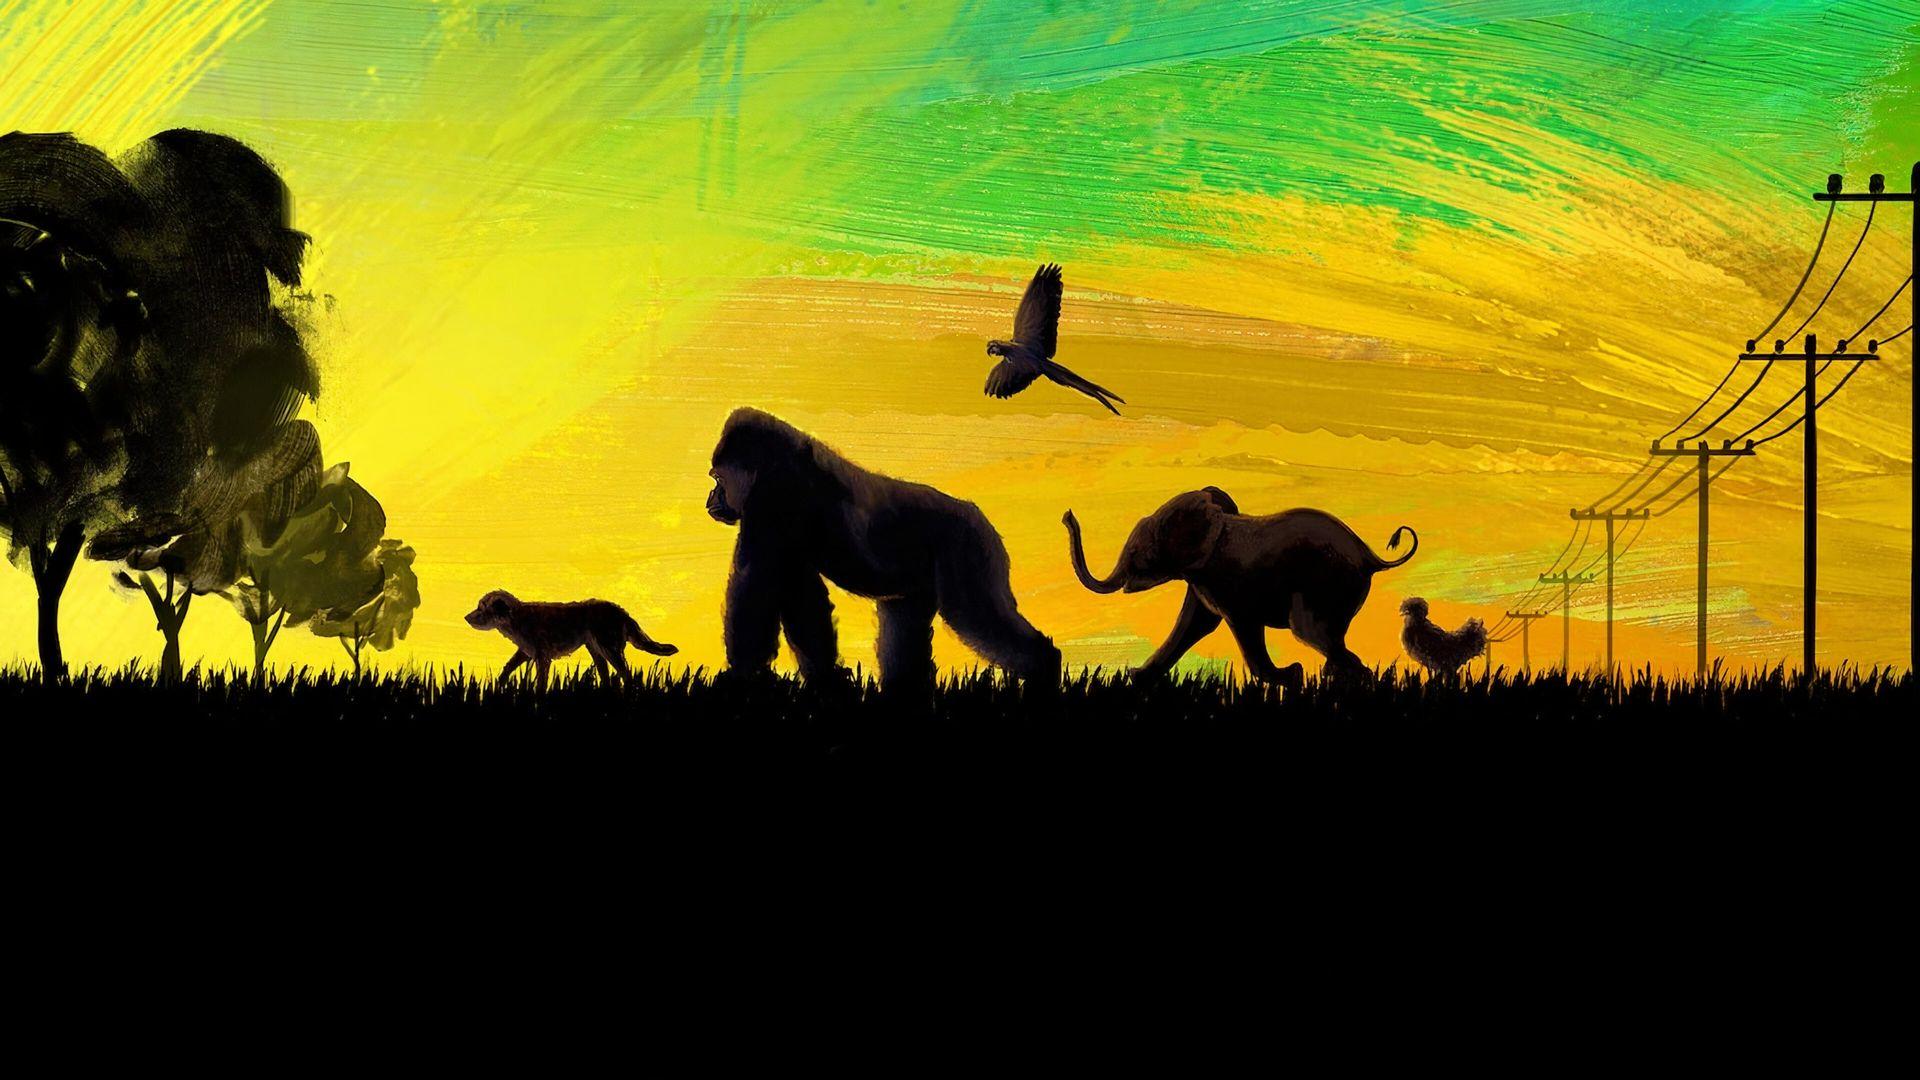 Imagem da capa do filme O Grande Ivan. O fundo possui um degradê do verde até o amarelo, como se fossem pinceladas. Na parte inferior, há um desenho preto simulando uma grama. Sob a grama, está uma fileira de silhuetas de animais, preenchidos de preto e sombreados de amarelo claro, caminhando para o lado esquerdo. O primeiro da fila, próximo ao canto esquerdo, está um cachorro pequeno. O segundo, é um gorila andando sobre as quatro patas. O terceiro é uma arara, voando. O quarto, um bebê elefante com a tromba apontando para o céu. O último animal é uma galinha.